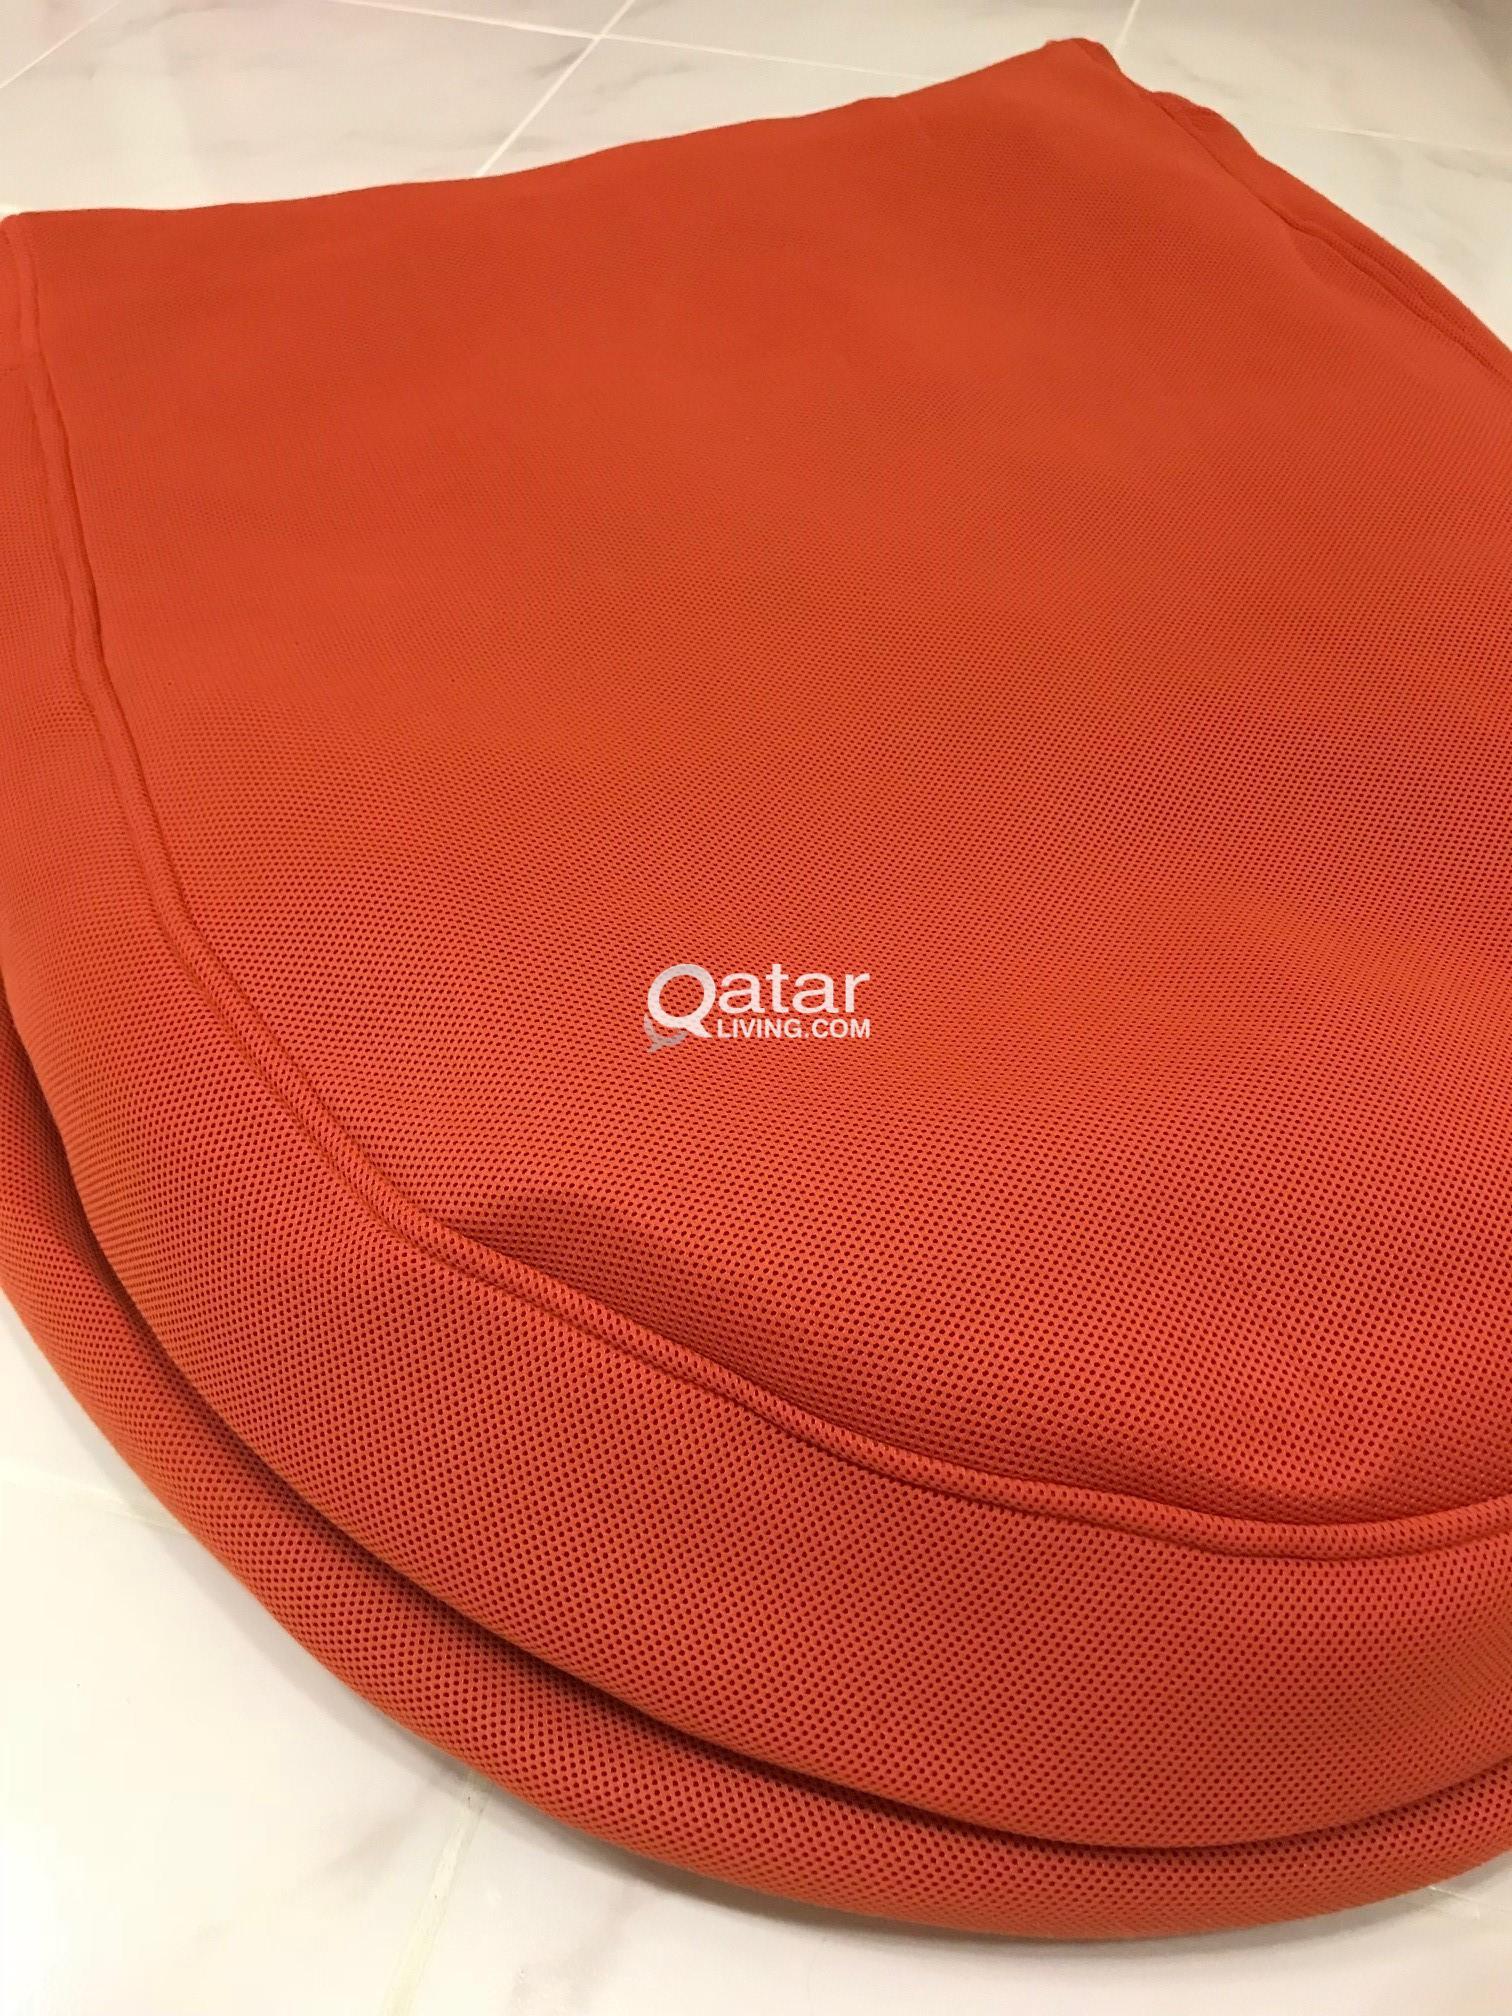 Phenomenal Ikea Bean Bag Qatar Living Machost Co Dining Chair Design Ideas Machostcouk